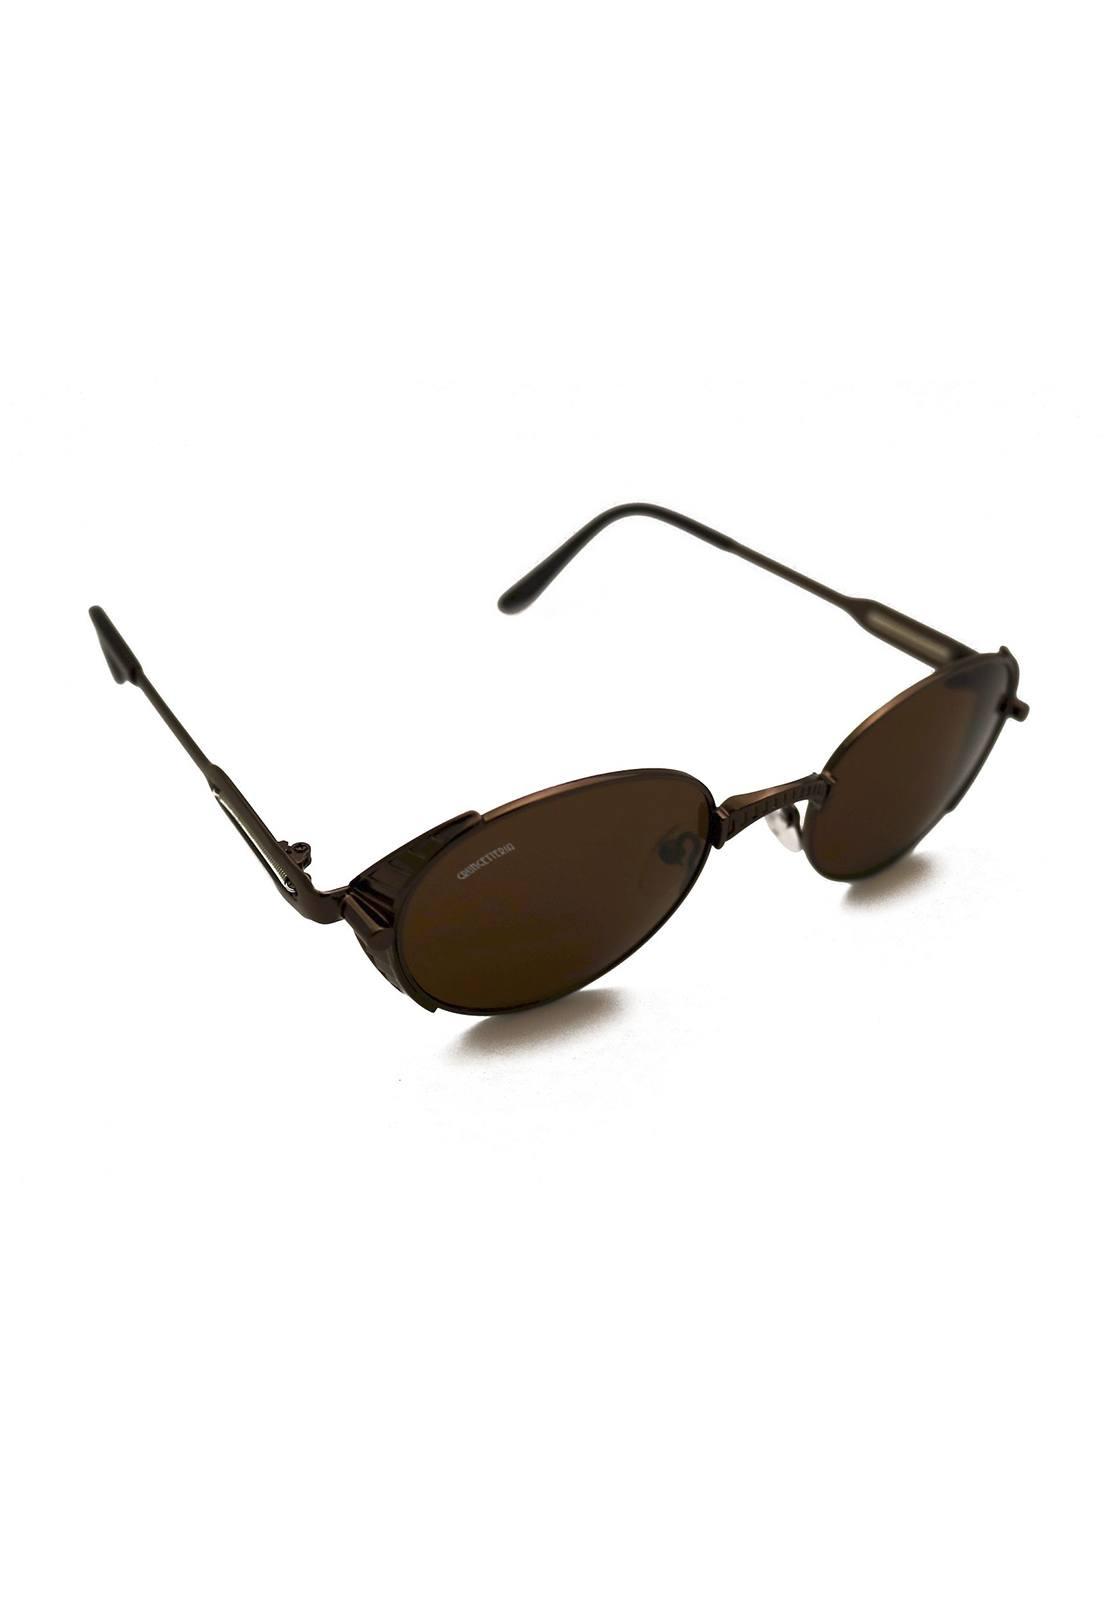 Óculos de Sol Grungetteria Verne Marrom